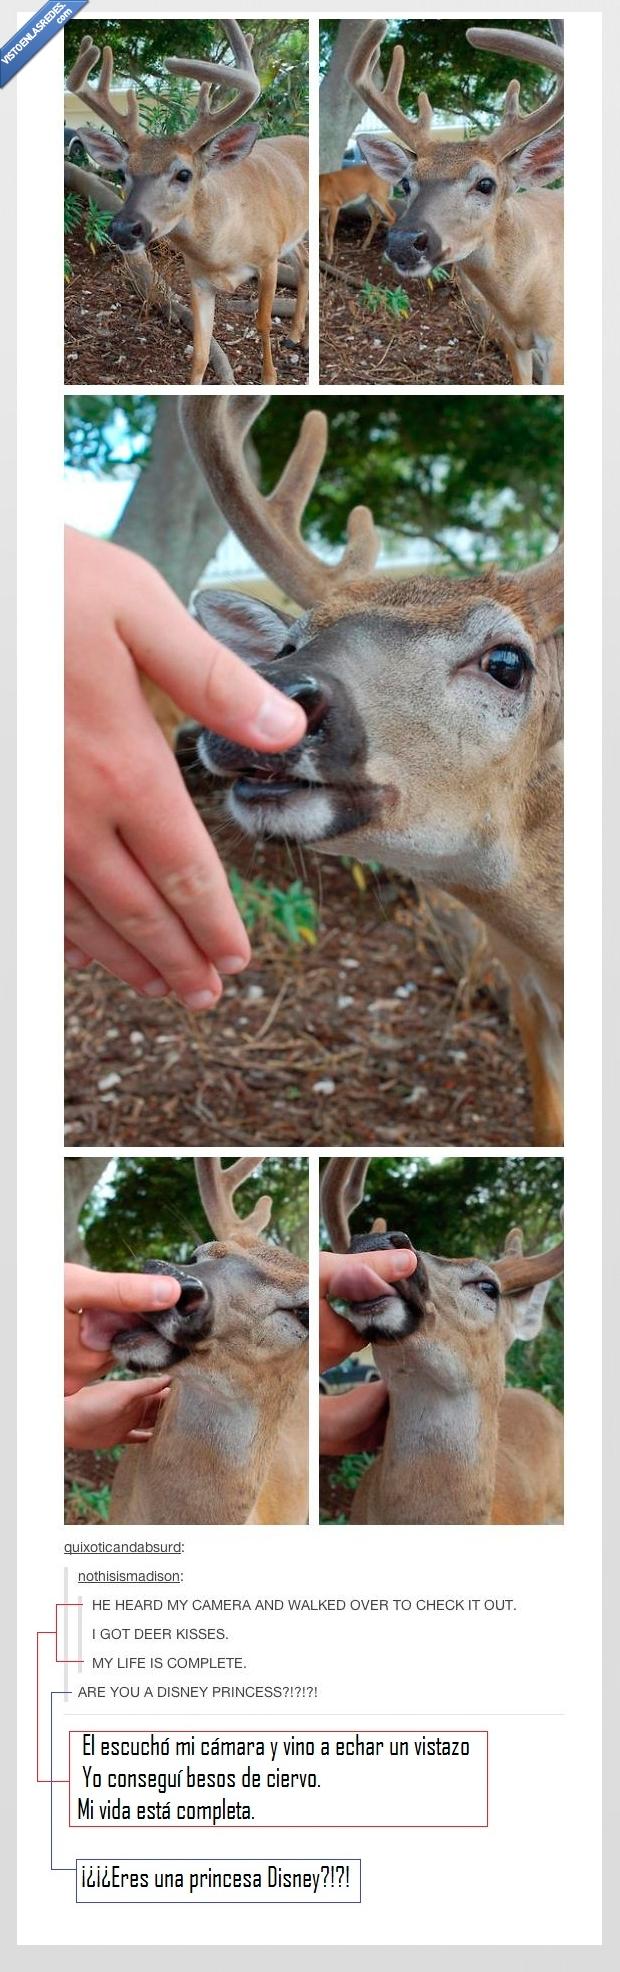 besos,camara,ciervo,comer,disney,mano,princesa,tumblr